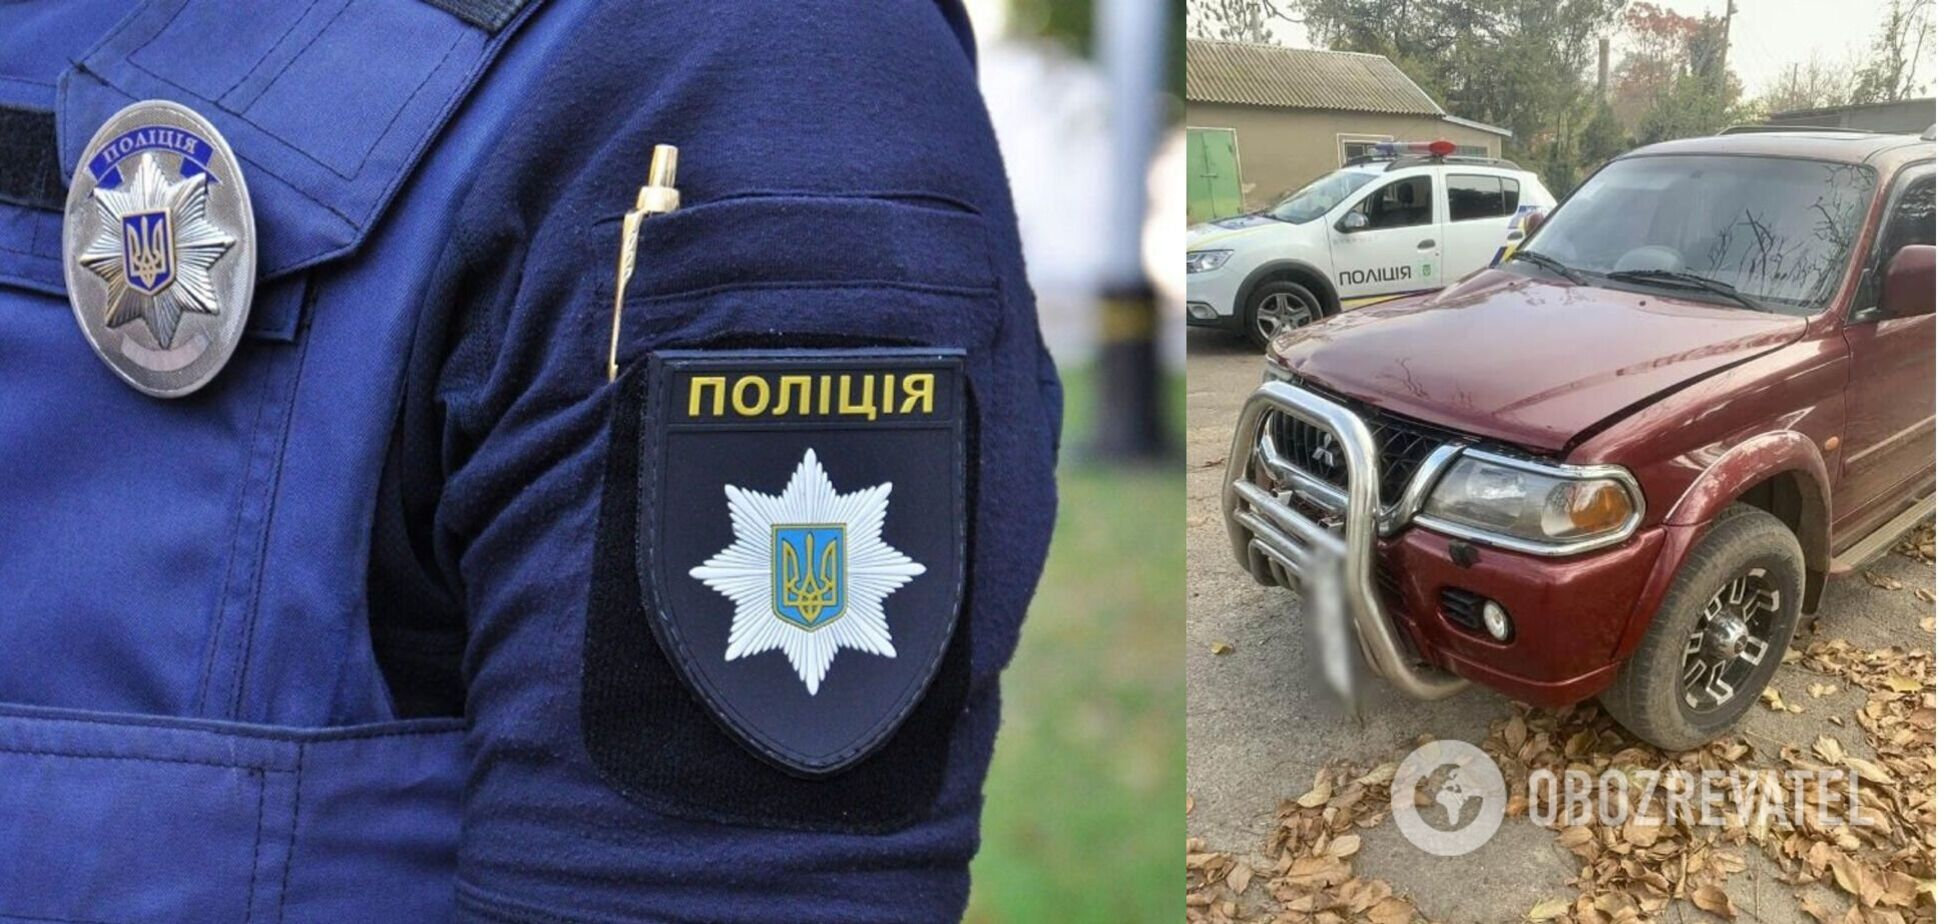 На Одещині п'яний водій на смерть збив матір трьох дітей: він оцінив її життя в тисячу гривень